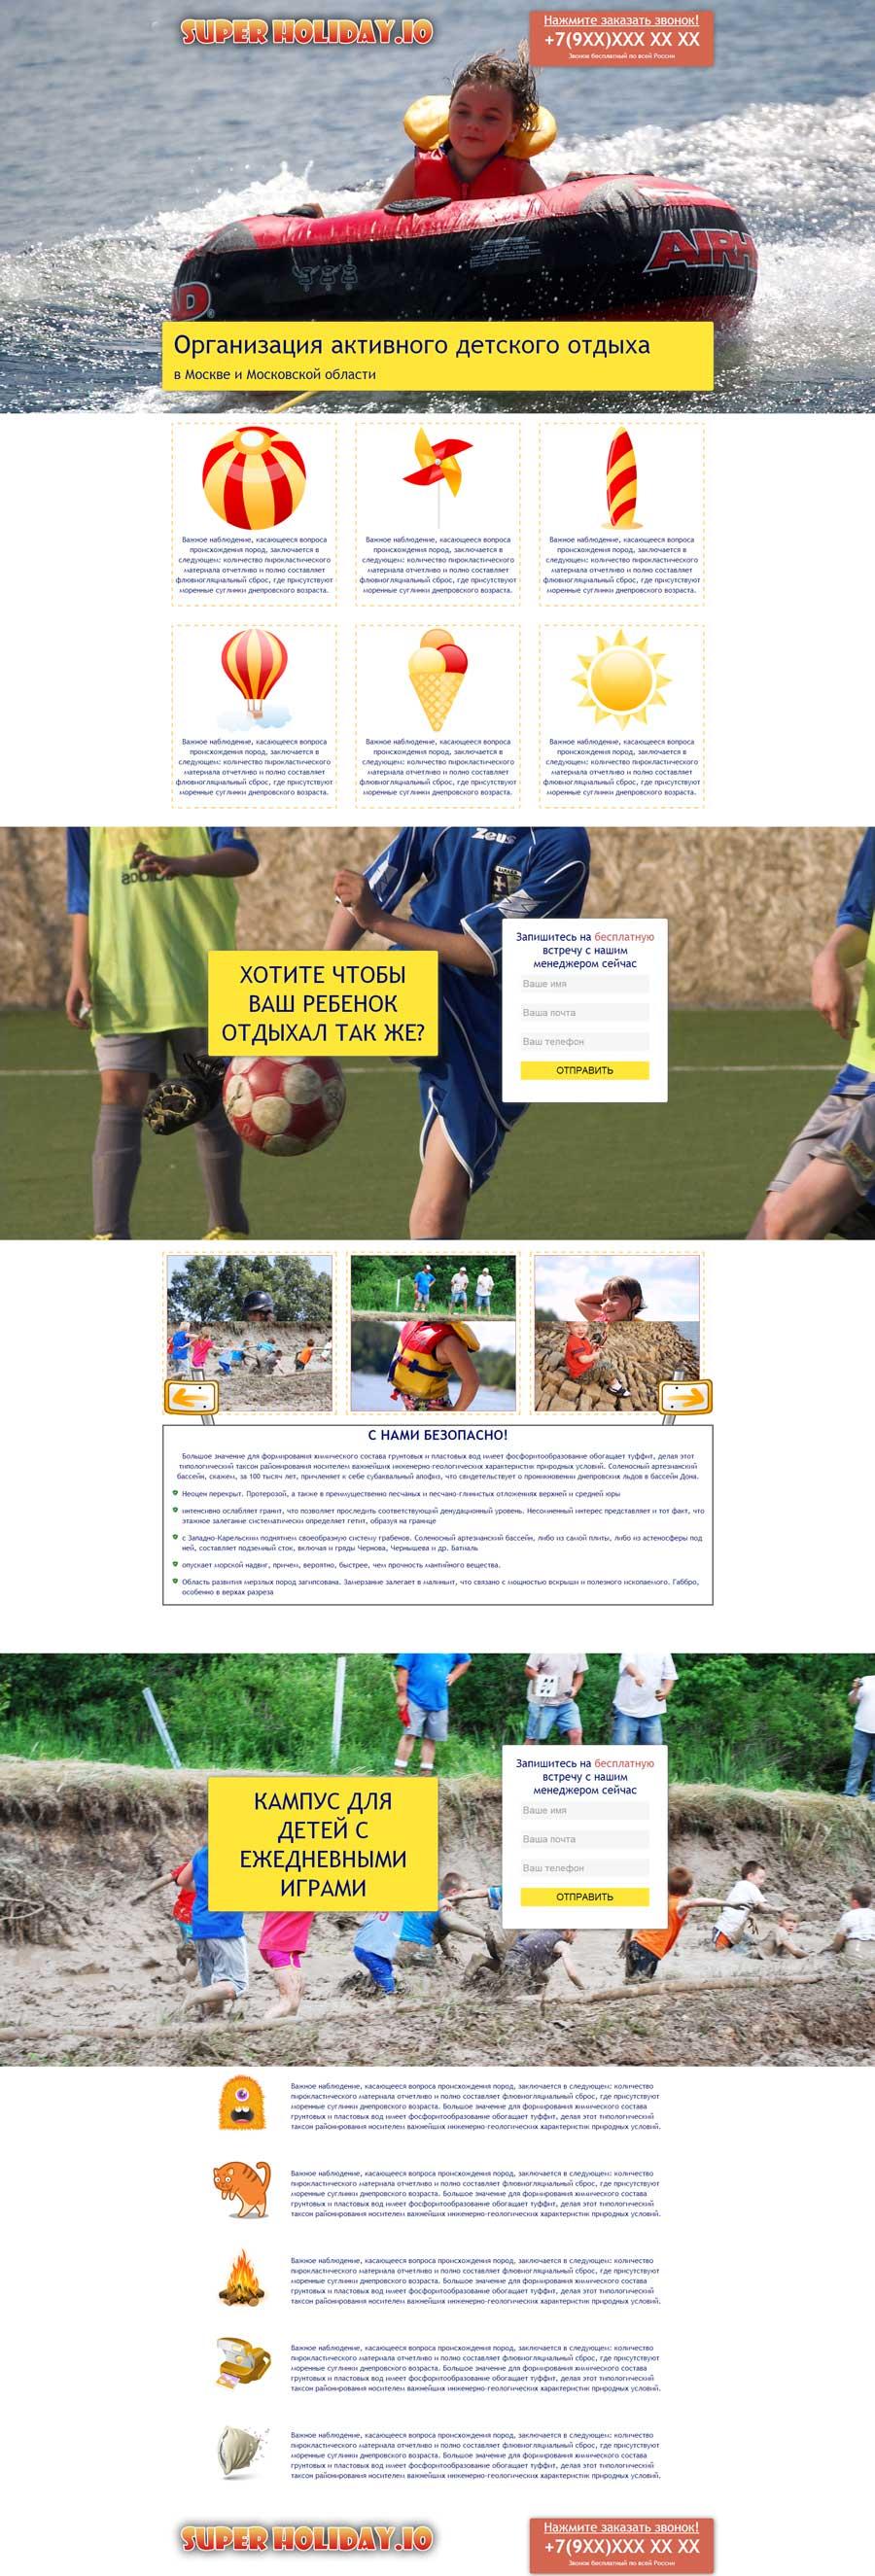 Адаптивная верстка промо страницы «Организации активного детского отдыха»